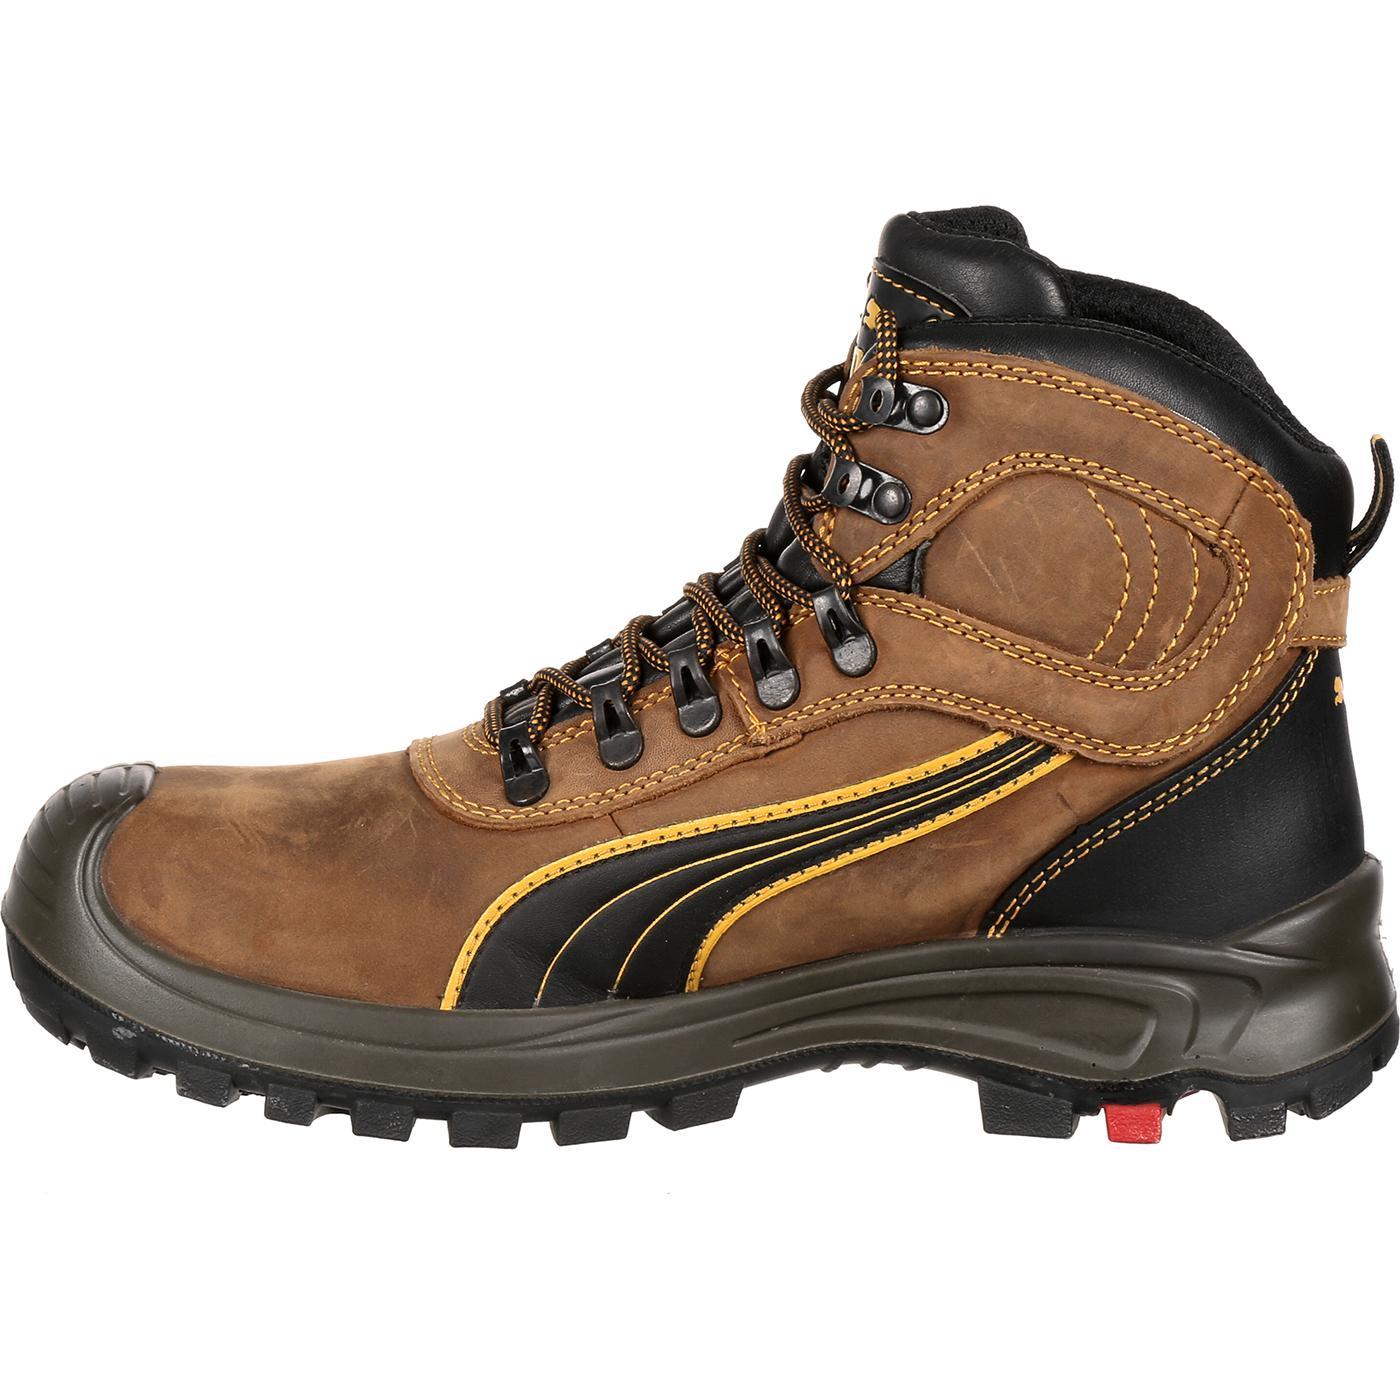 Puma Sierra Nevada Composite Toe Waterproof Hiker Work Shoe dd8346f7168